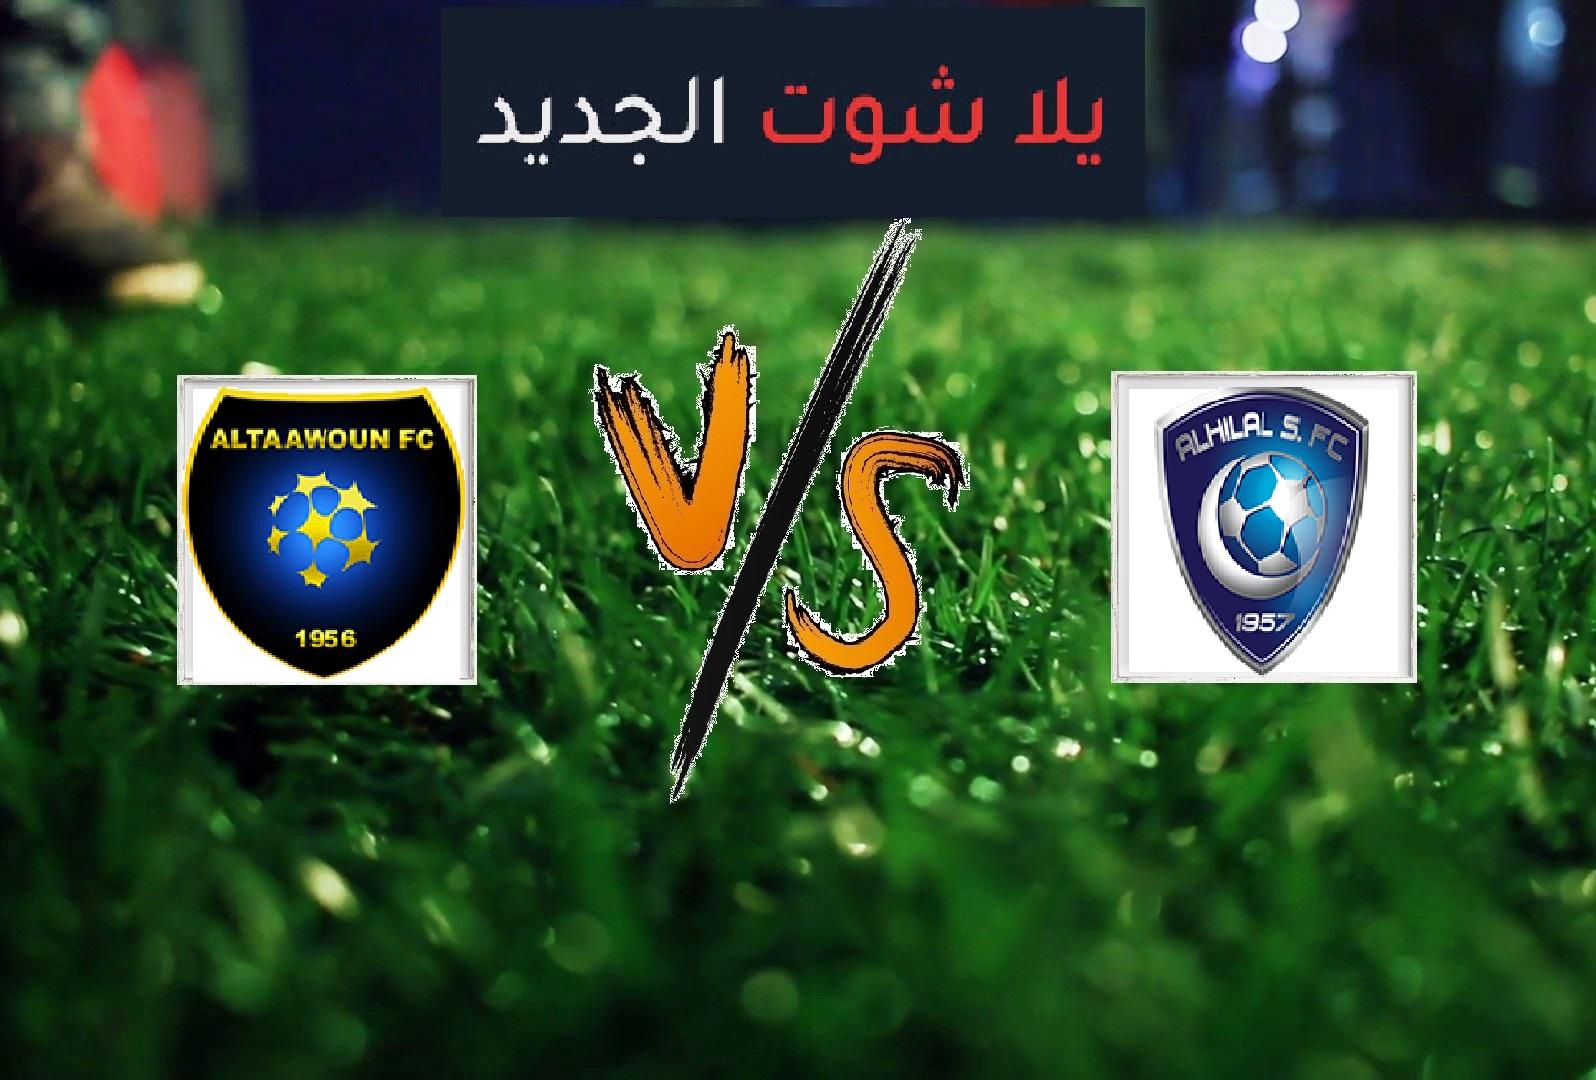 التعاون يفوز على الهلال بخماسية نظيفة في النصف النهائي من بطولة كأس خادم الحرمين الشريفين